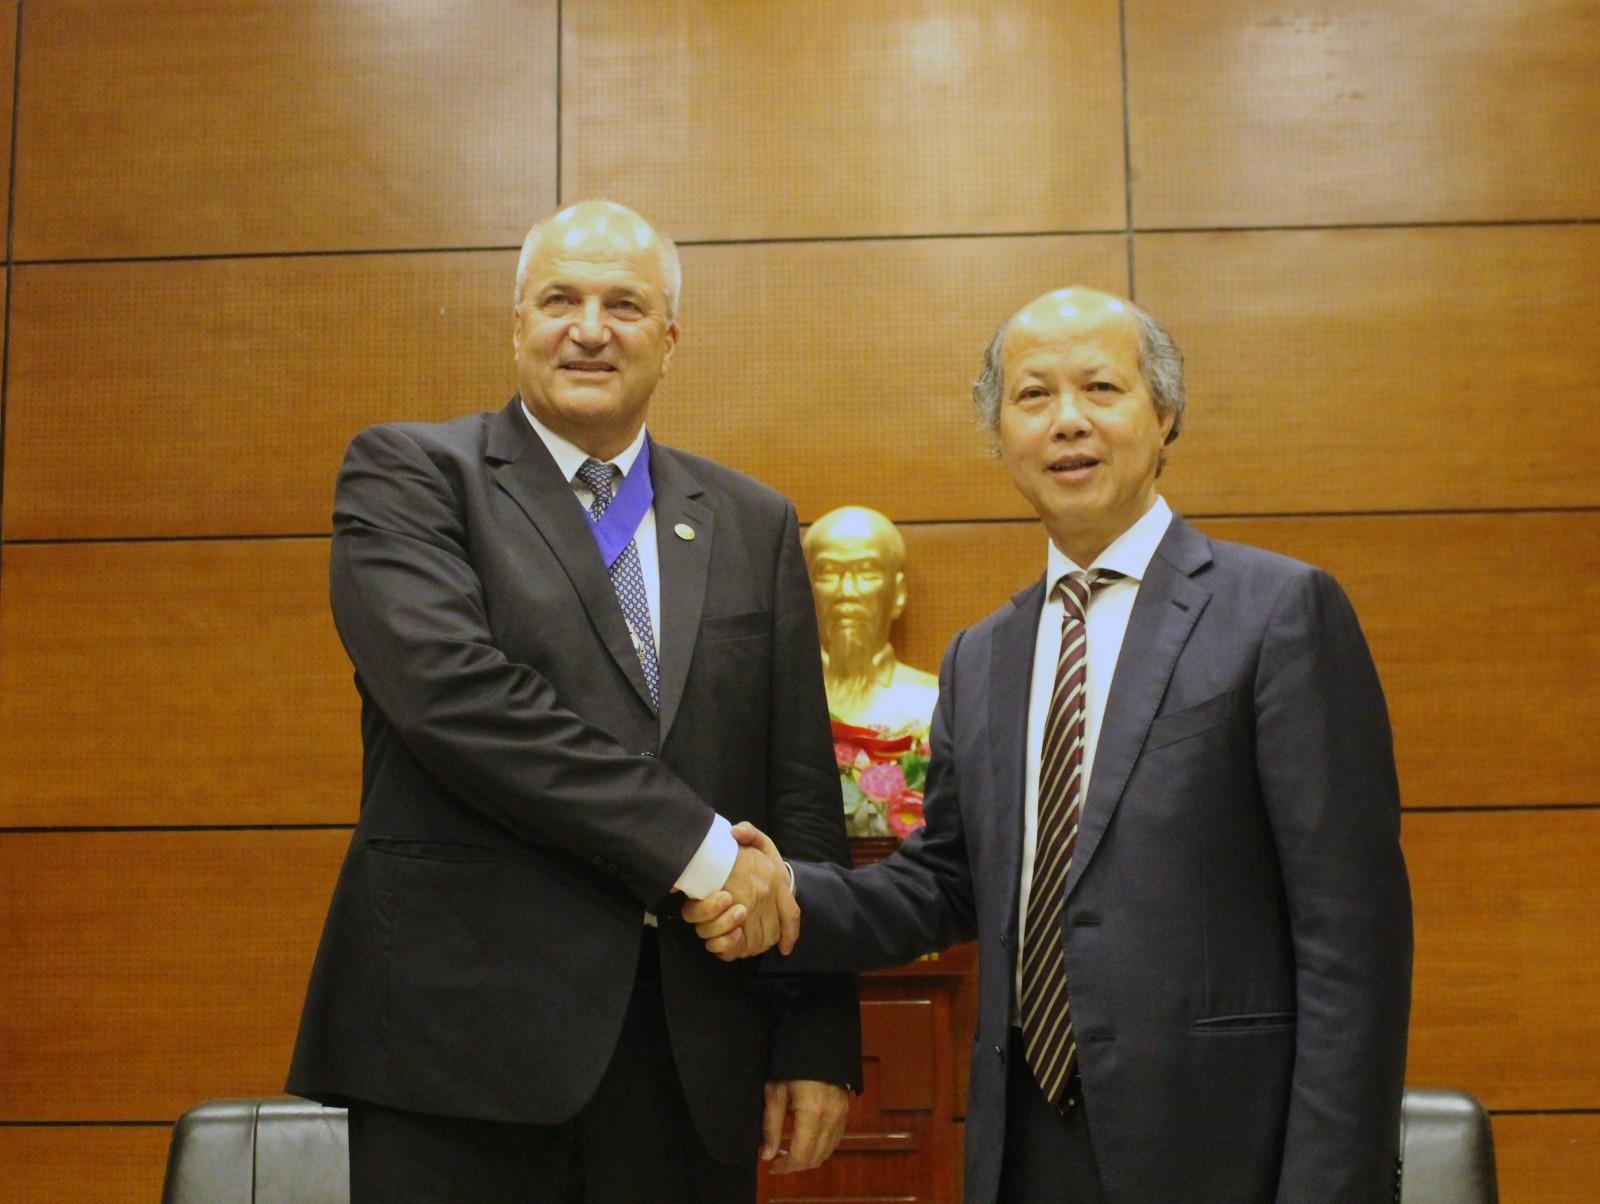 Việt Nam sẽ là một thành viên chung tay góp sức tổ chức các sự kiện lớn một cách thành công.